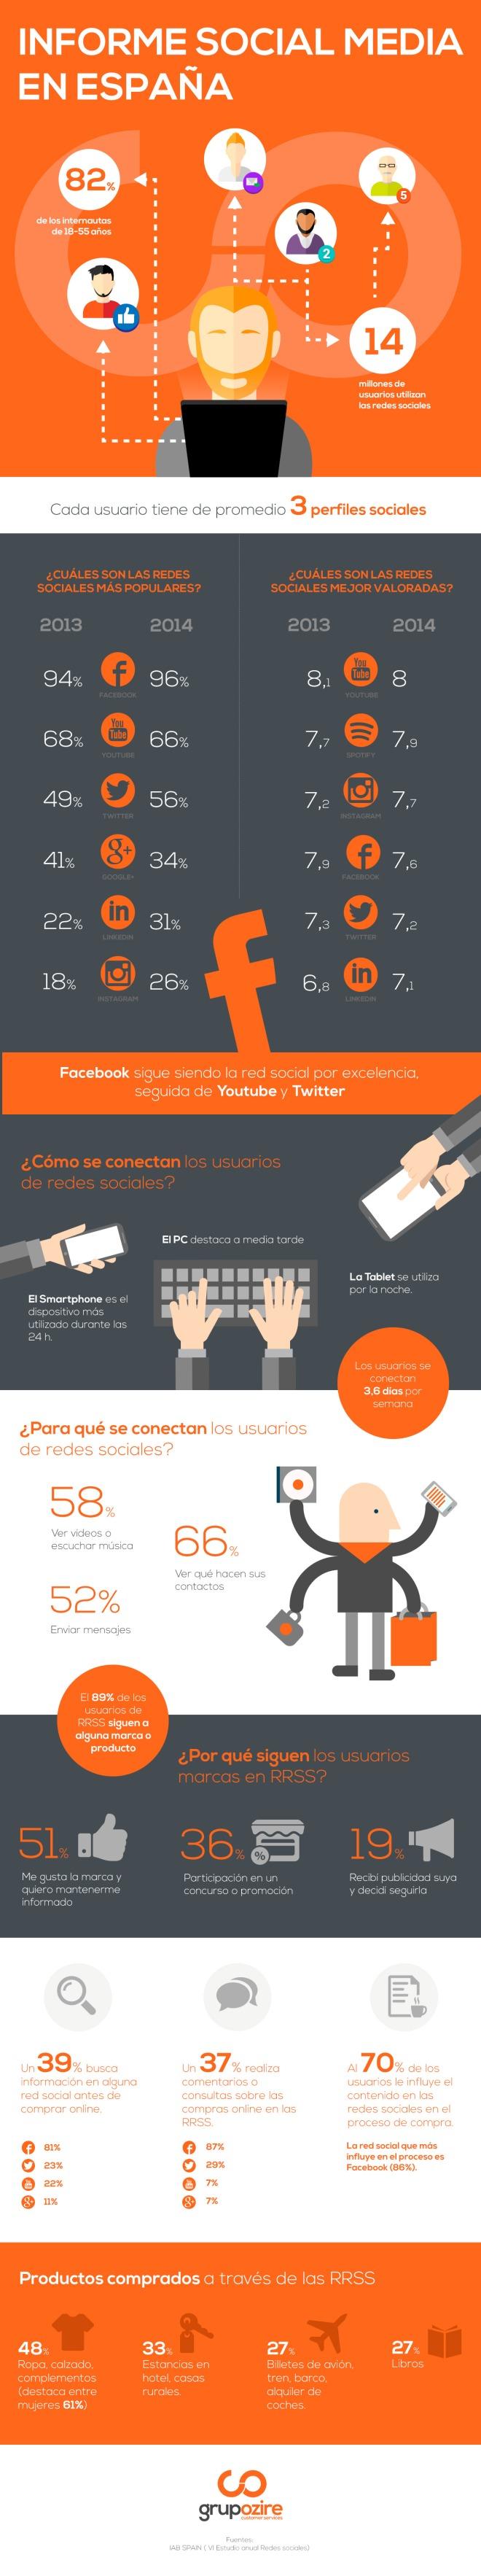 Informe sobre el Social Media en España